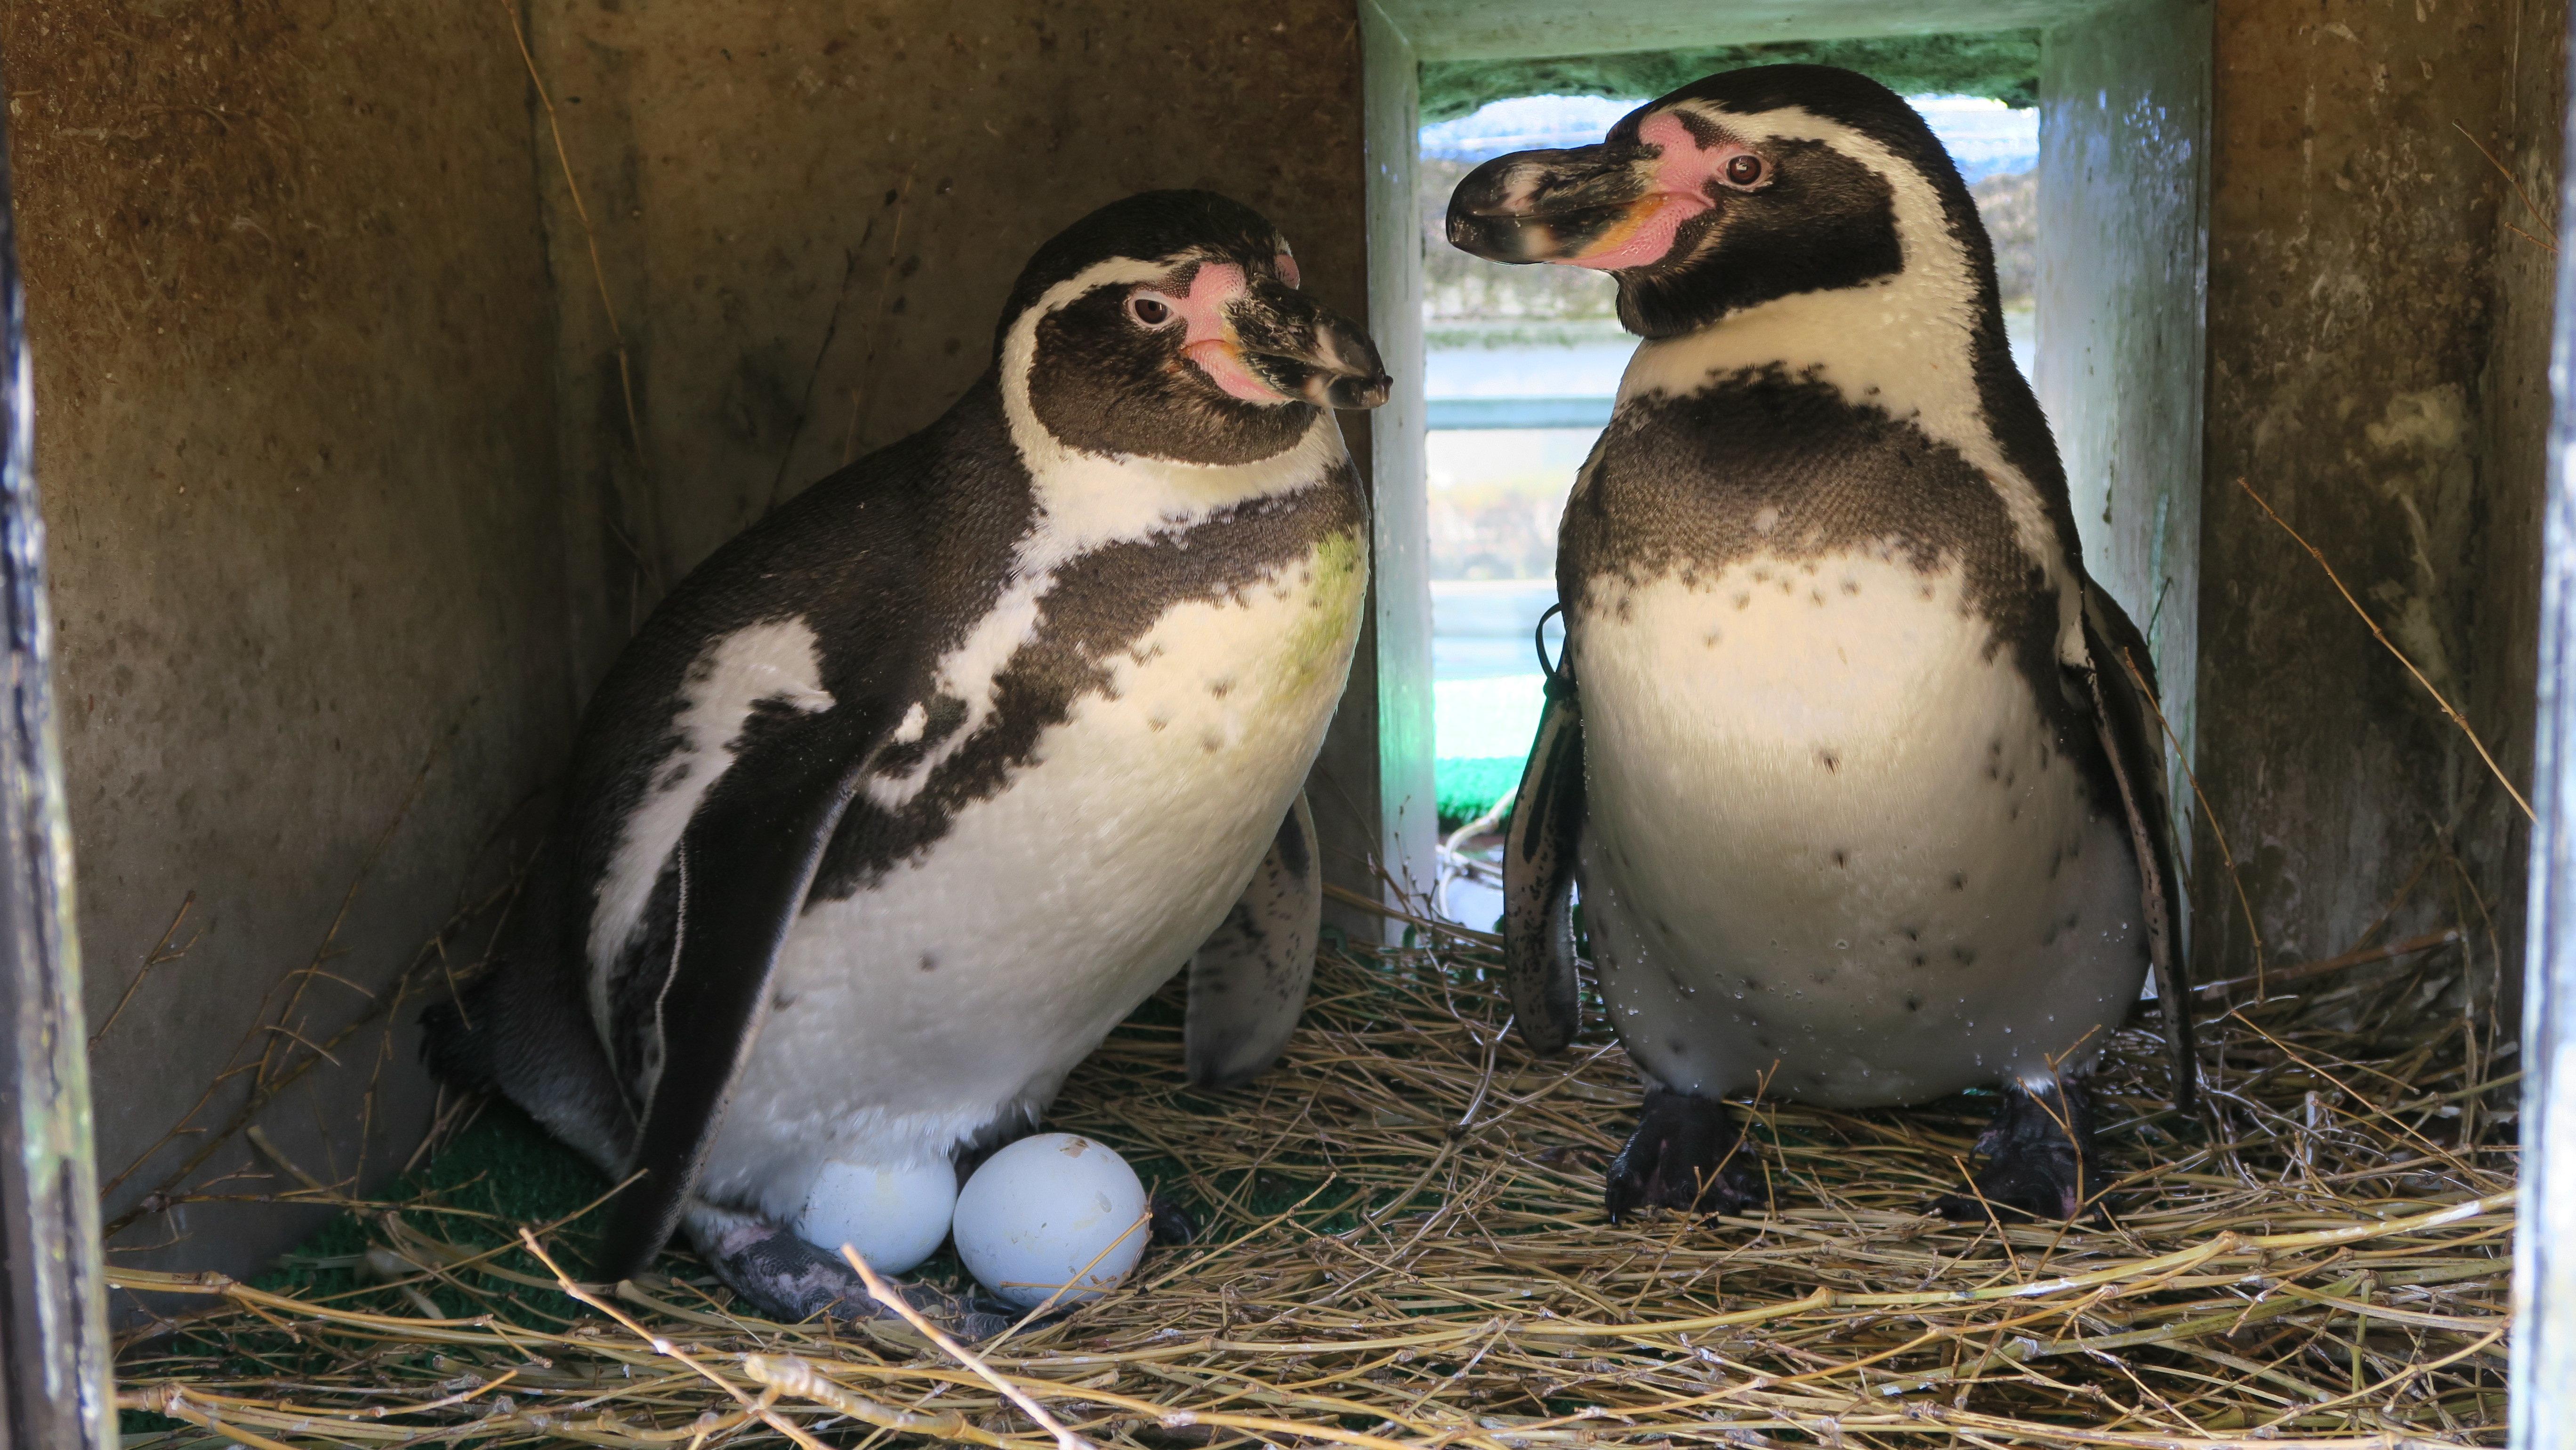 ペンギンぷーるの日常⑦ 2クラッチ目の産卵